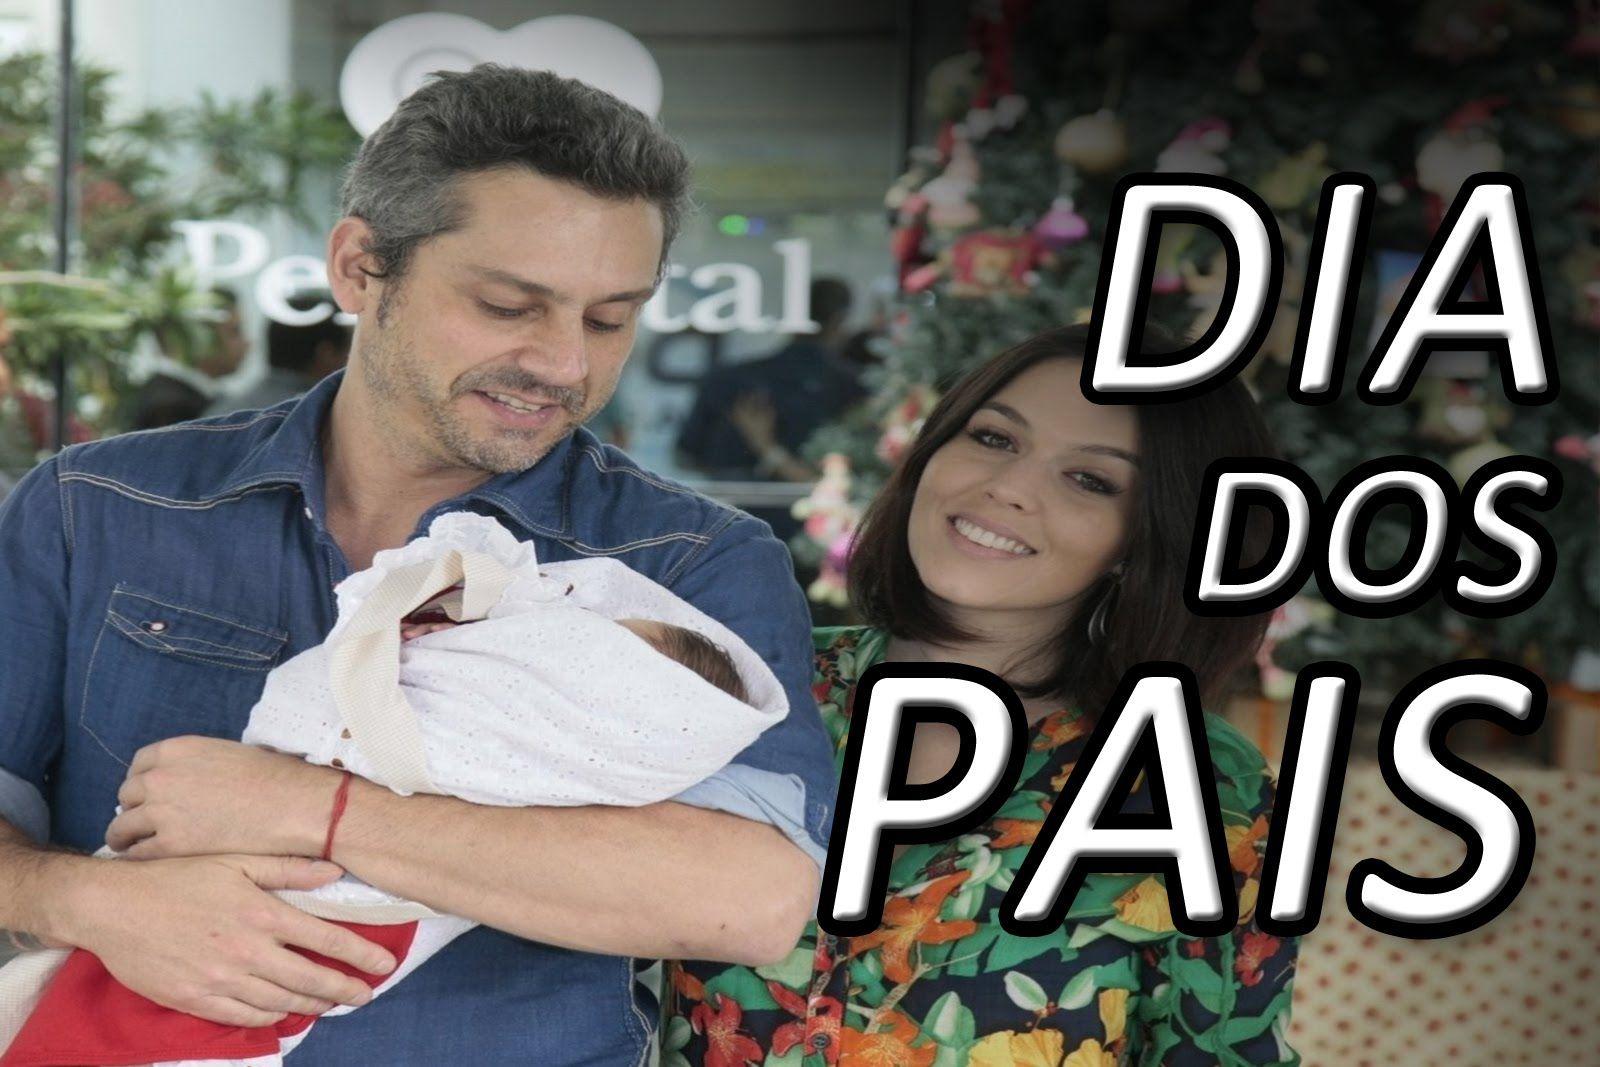 ELEITO MELHOR VÍDEO DIA DOS PAIS - 2016